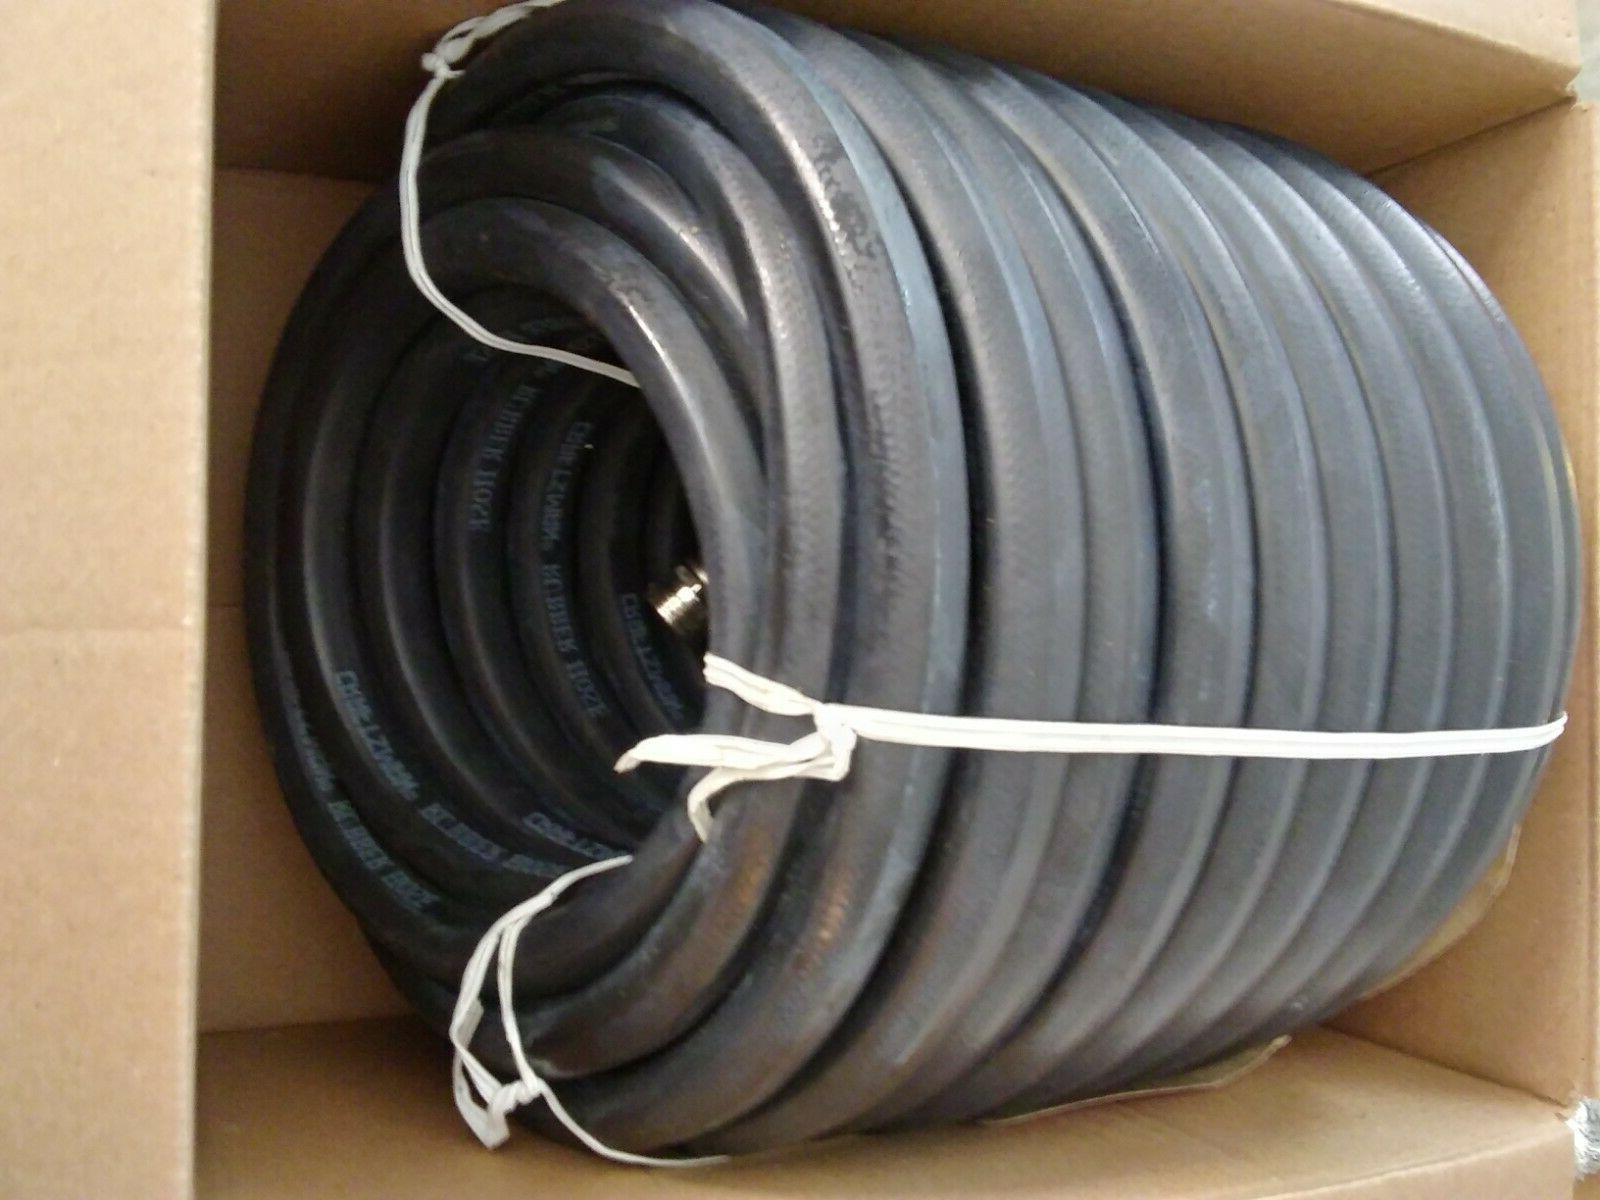 69605 100 x 5 8 premium rubber